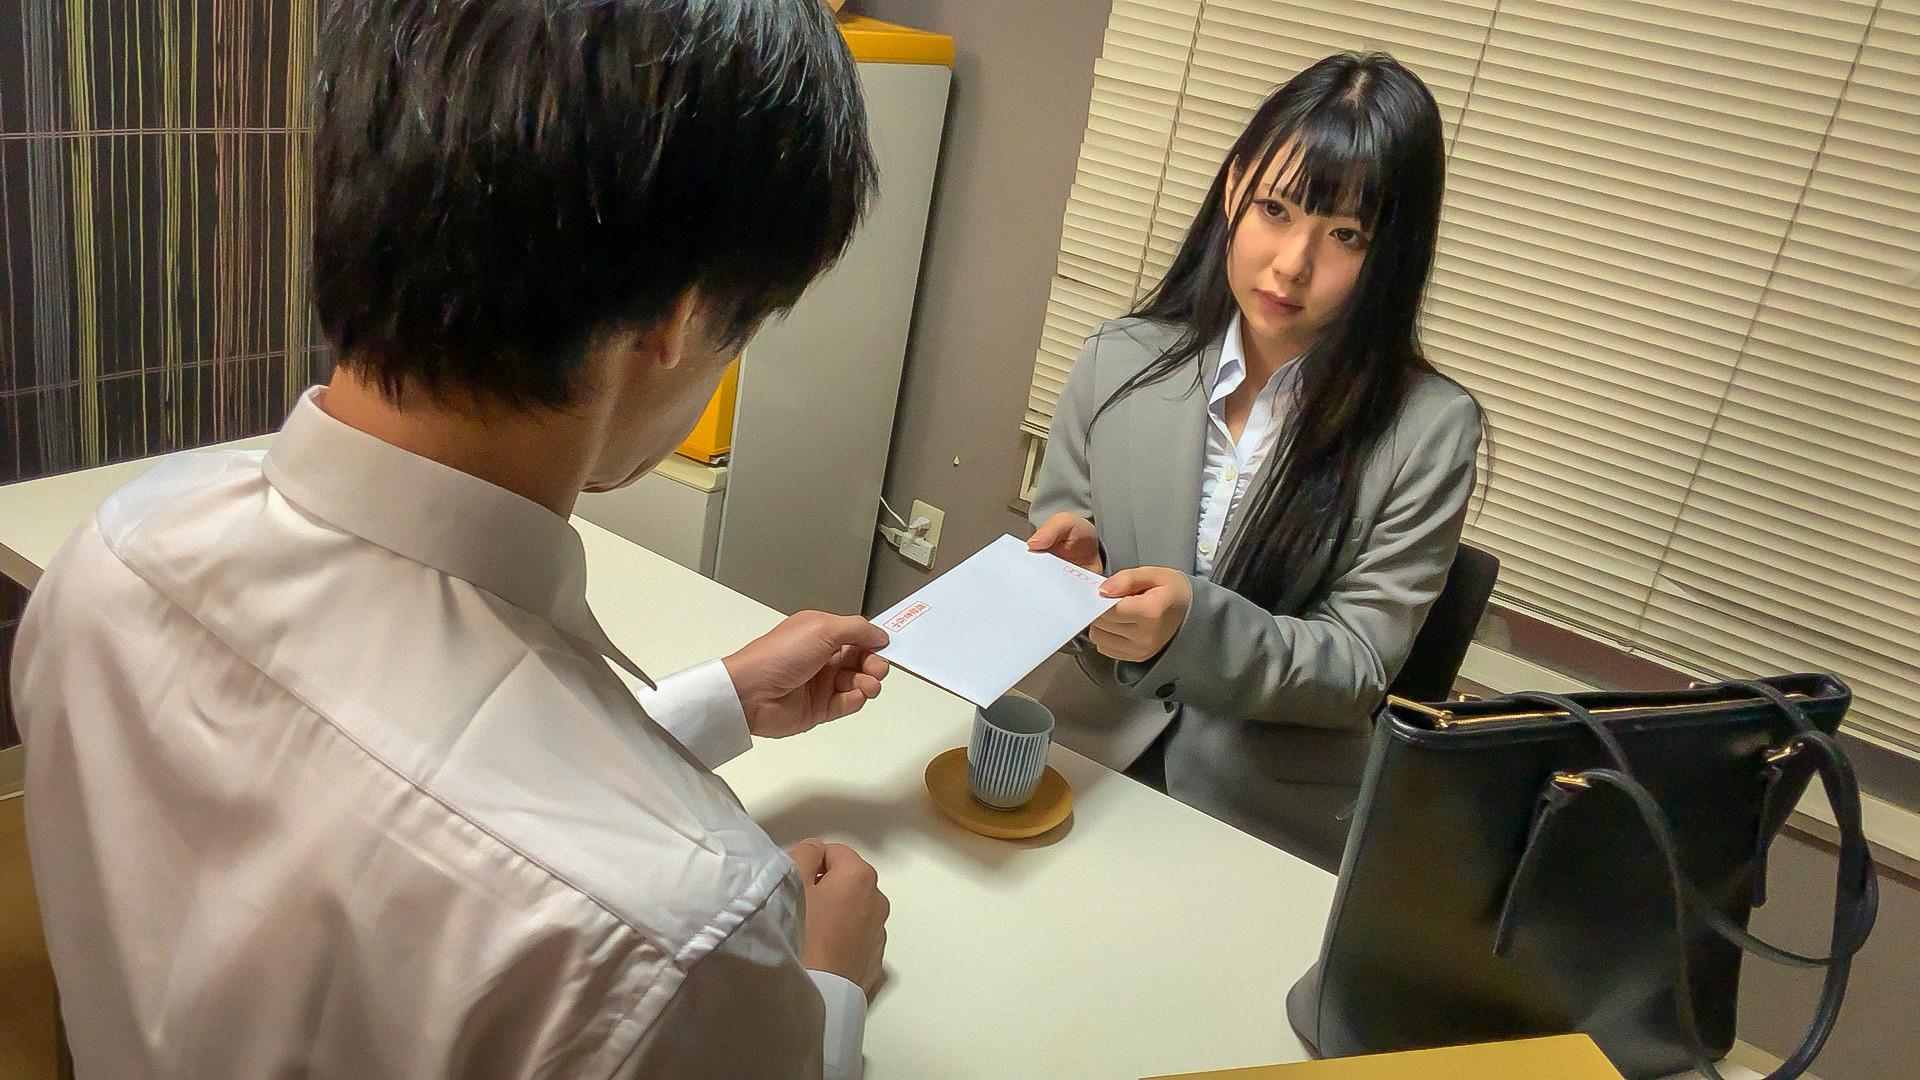 【CASE#3】就活面接に来た女子大生に睡〇薬入りのお茶を出した結果...!?